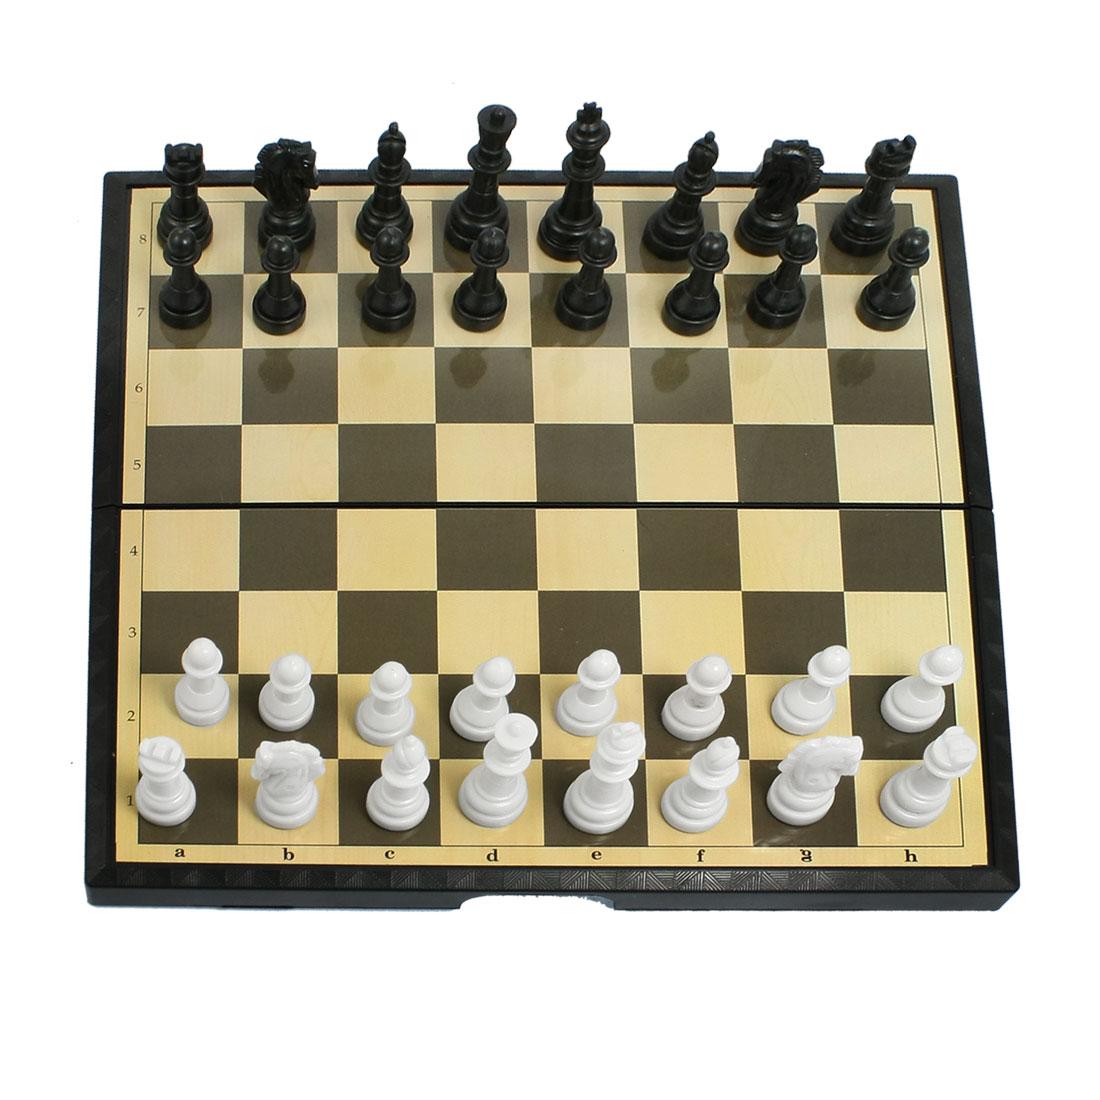 Foldable Black Plastic Chessboard 32 Chessmen International Chess Set